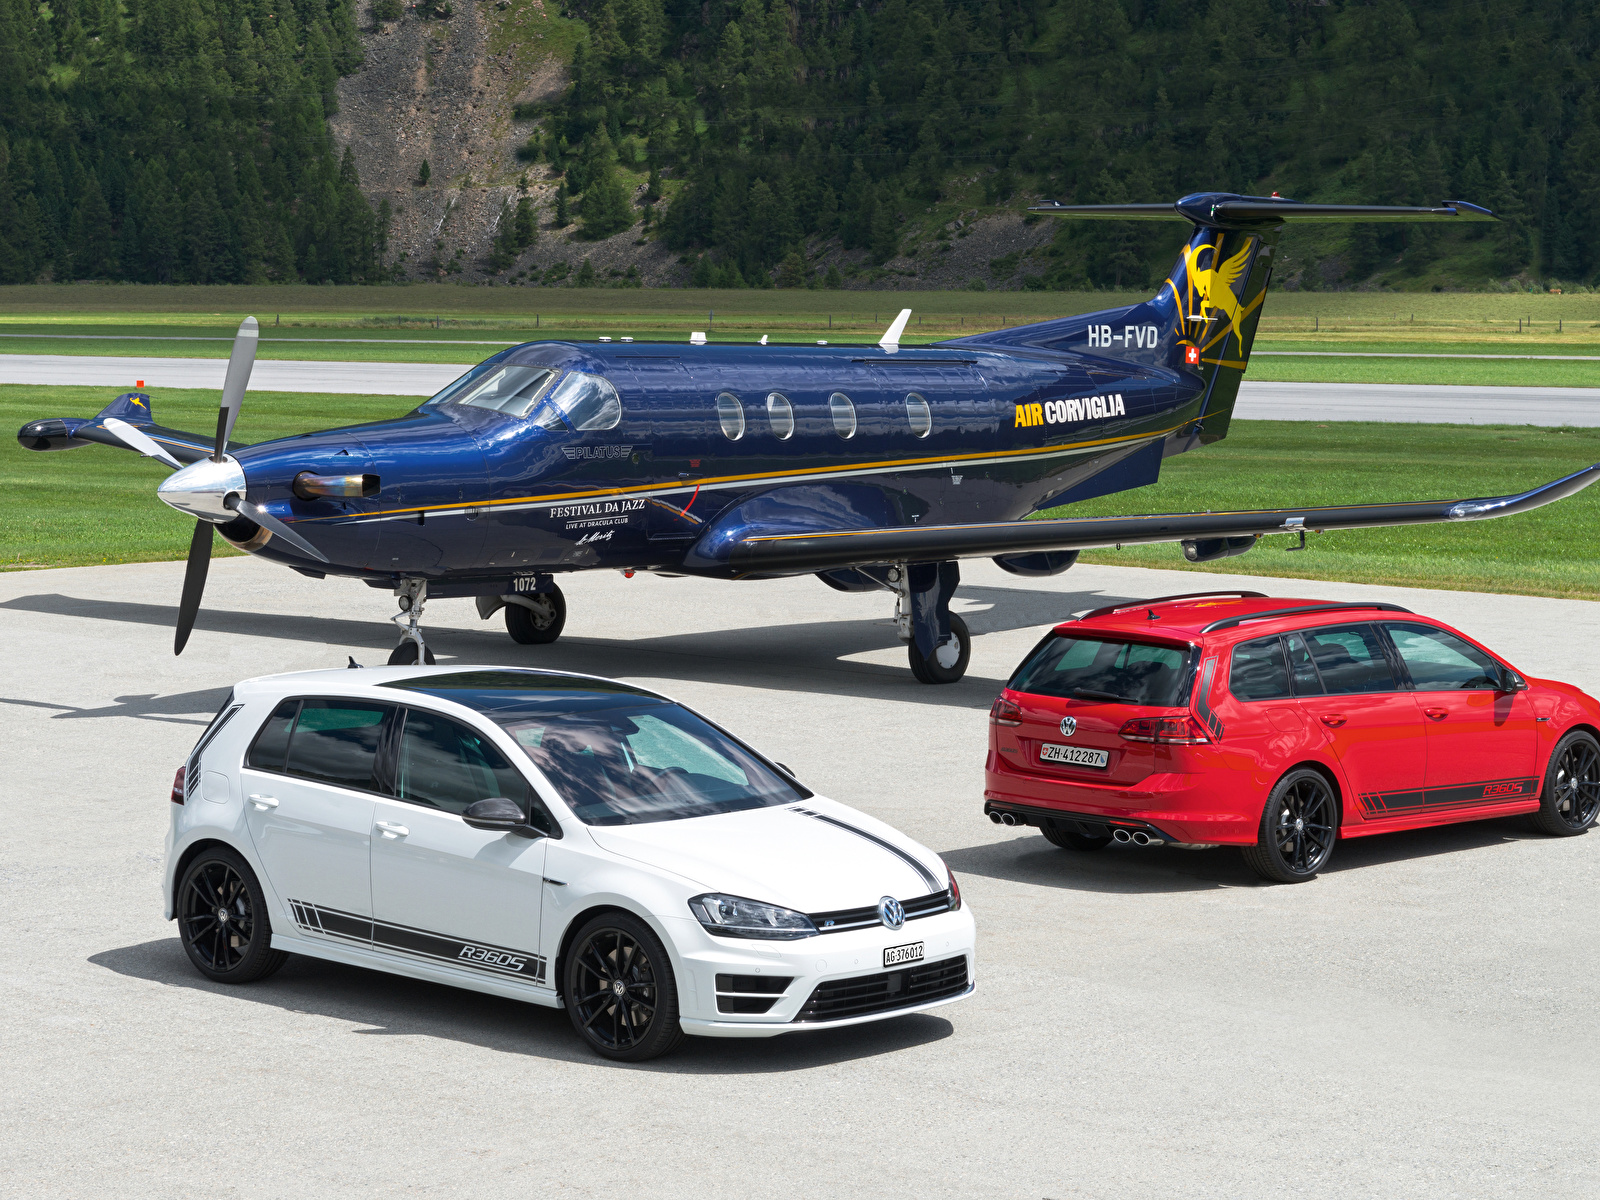 Обои Volkswagen Самолеты 2012-16 Golf две машины Металлик Авиация 1600x1200 Фольксваген 2 два Двое вдвоем авто машина автомобиль Автомобили